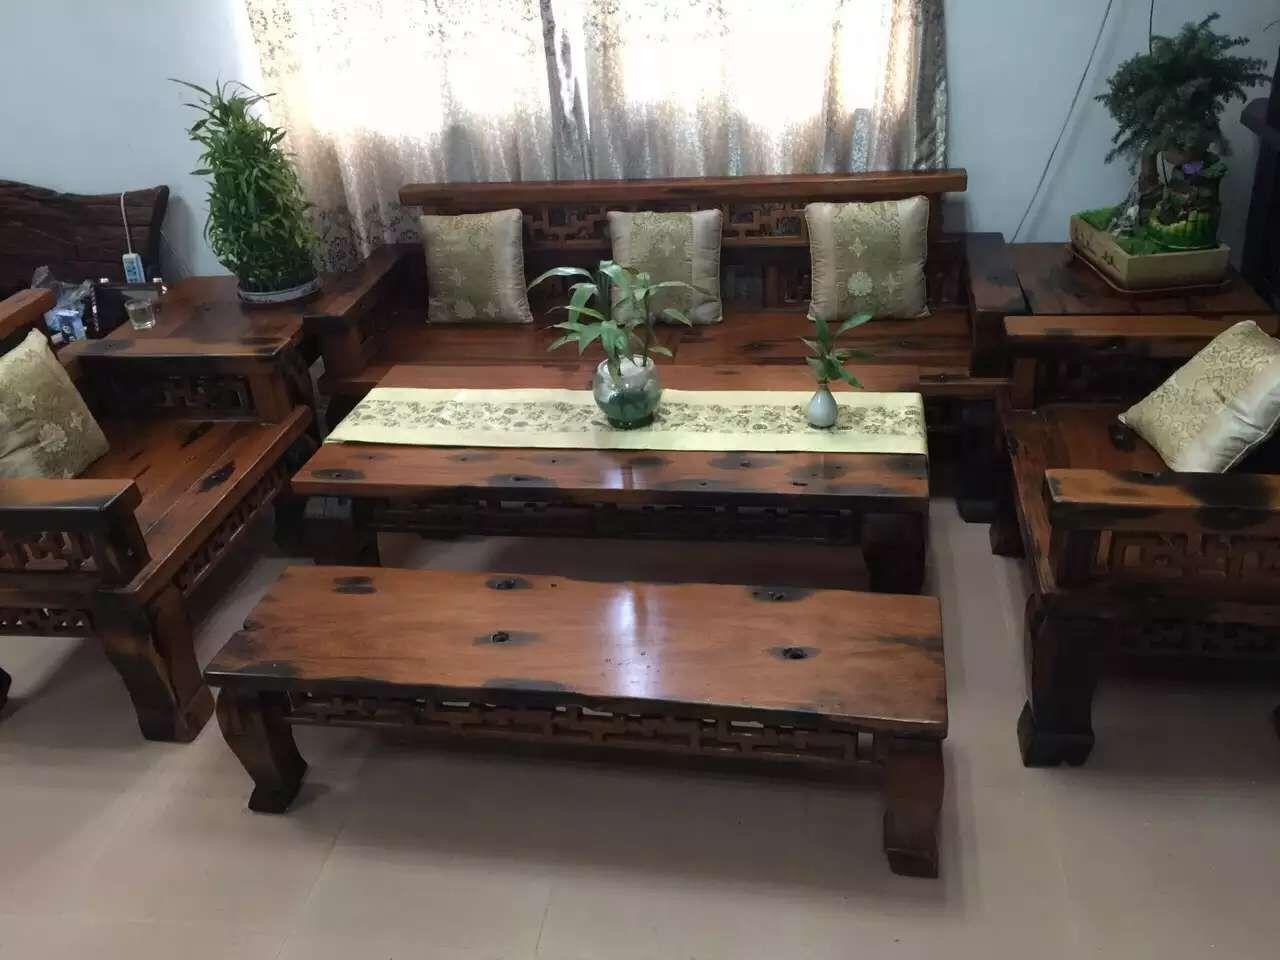 【天津老船木茶桌特价船木茶桌客厅茶桌椅组合图片】